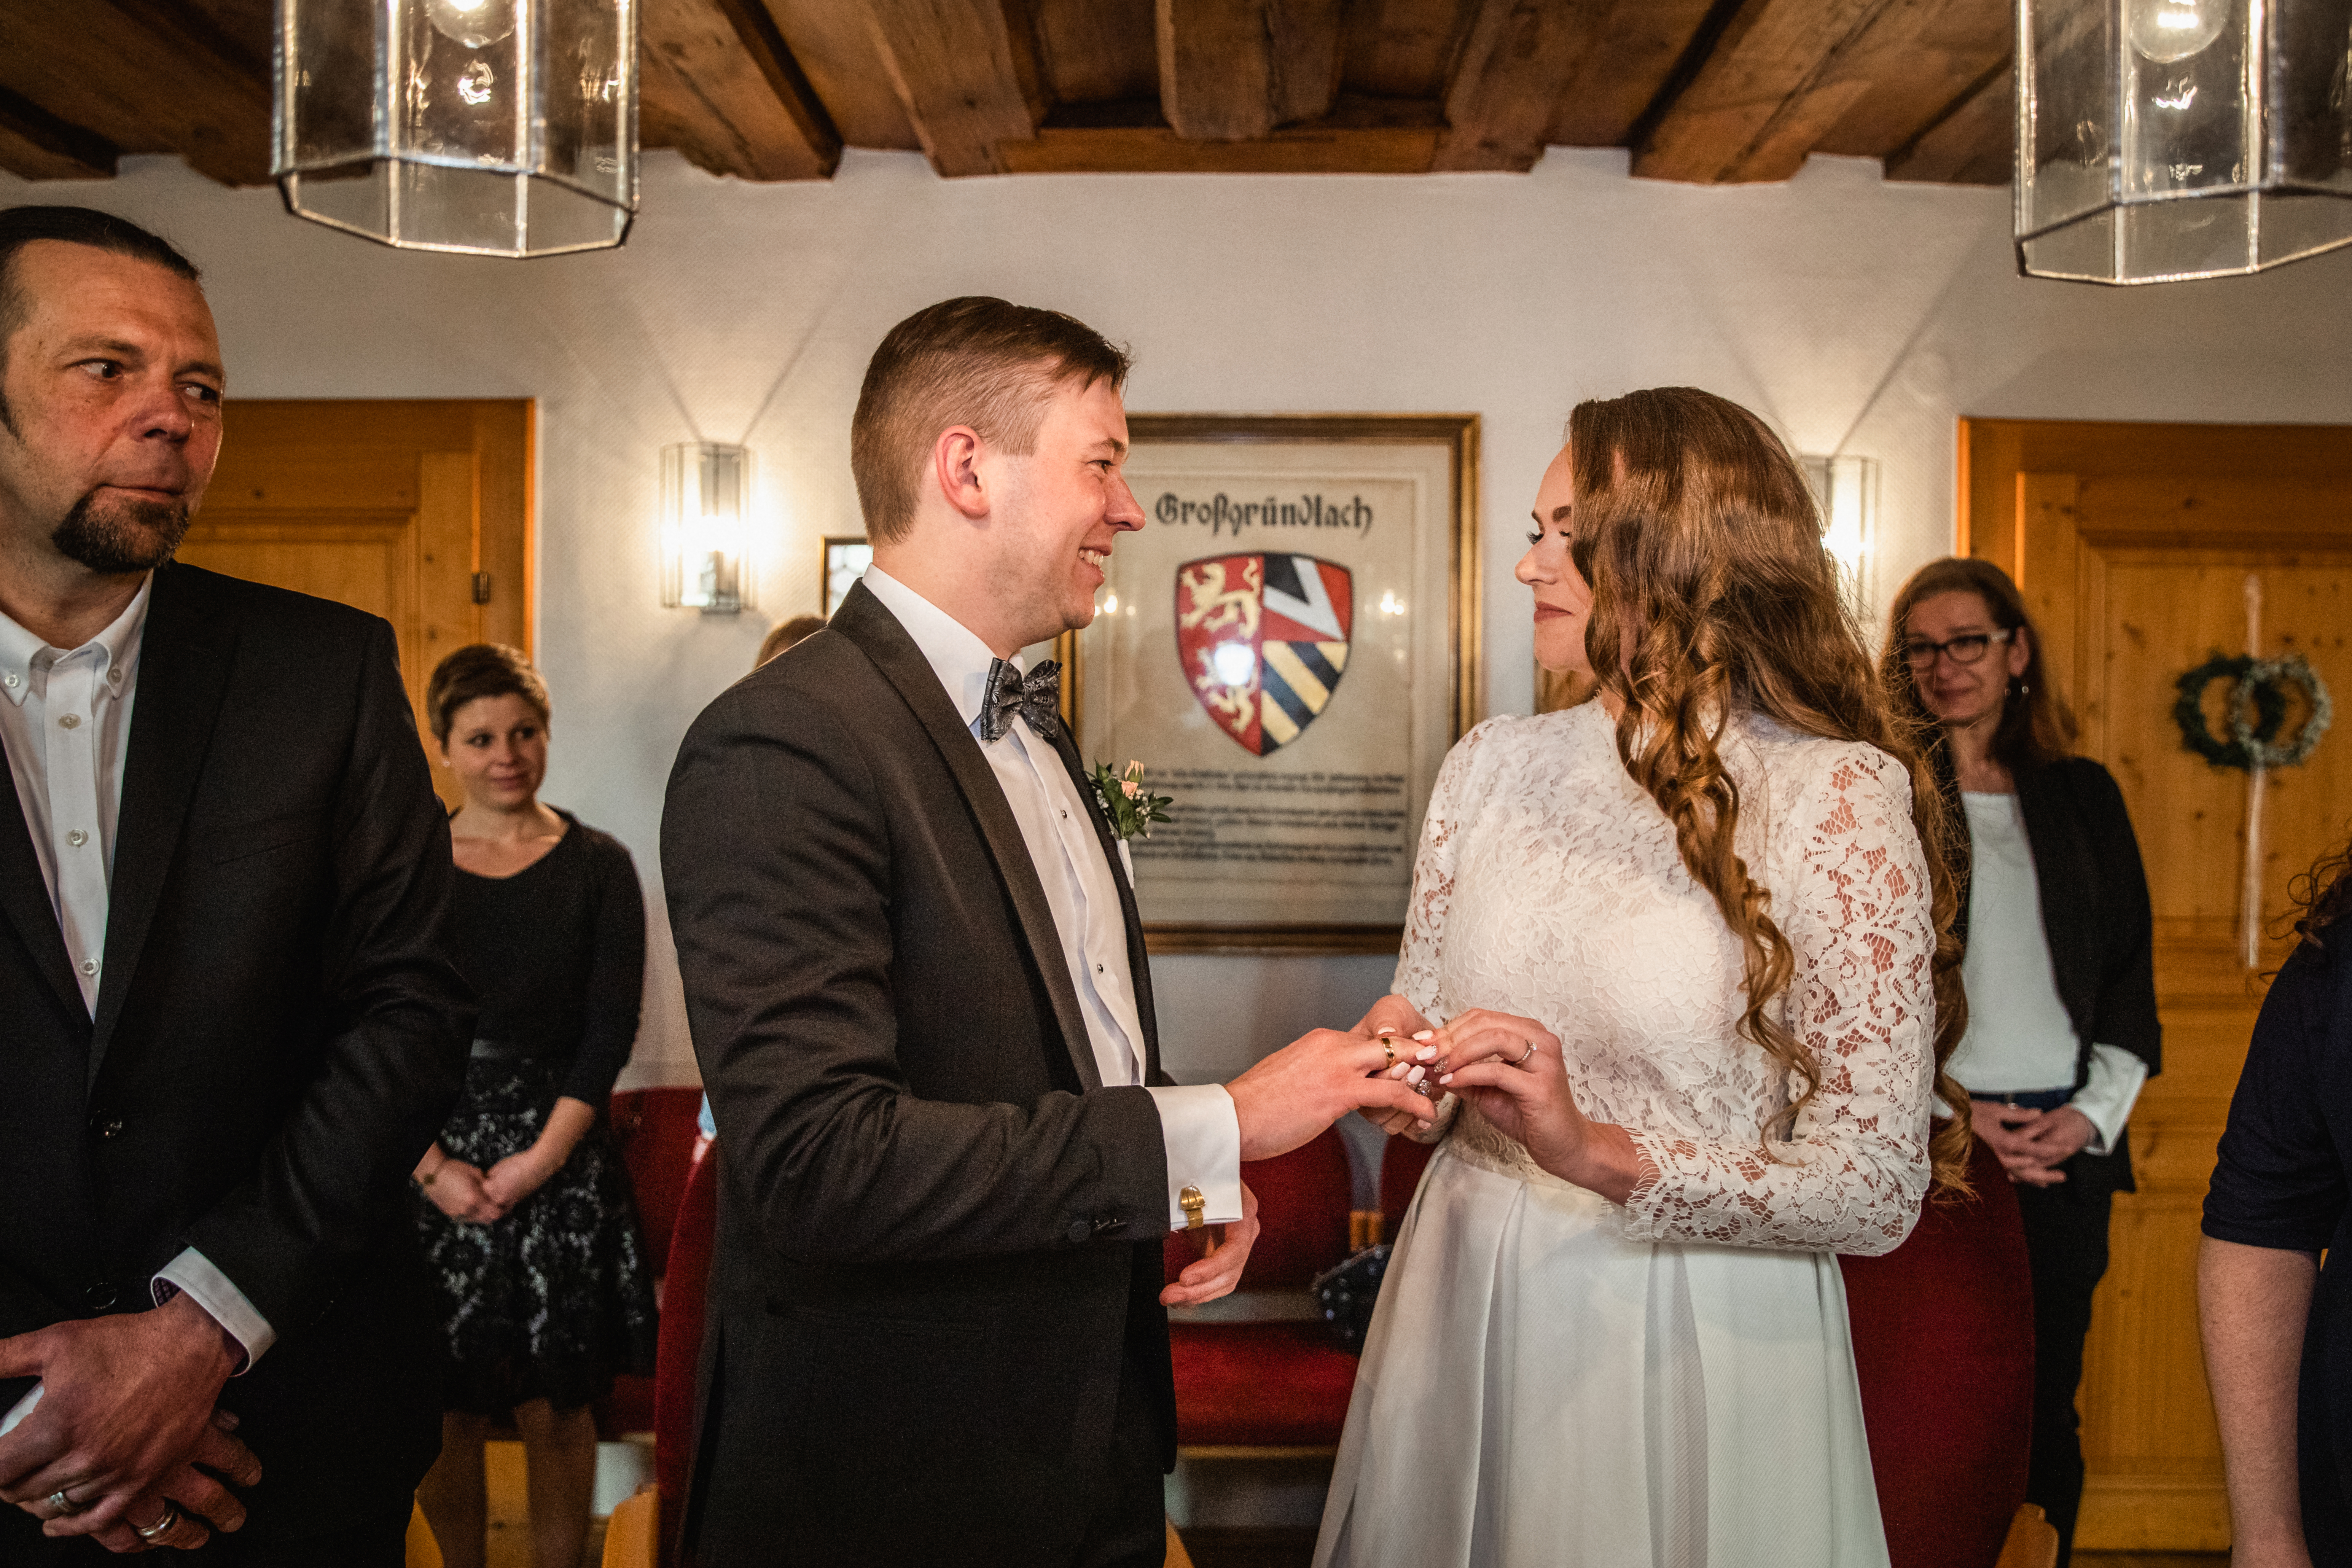 Hochzeitsfotograf-Grossgruendlach-Standesamt-Hallerschloss-Urbanerie-Stazija-und-Michael-023